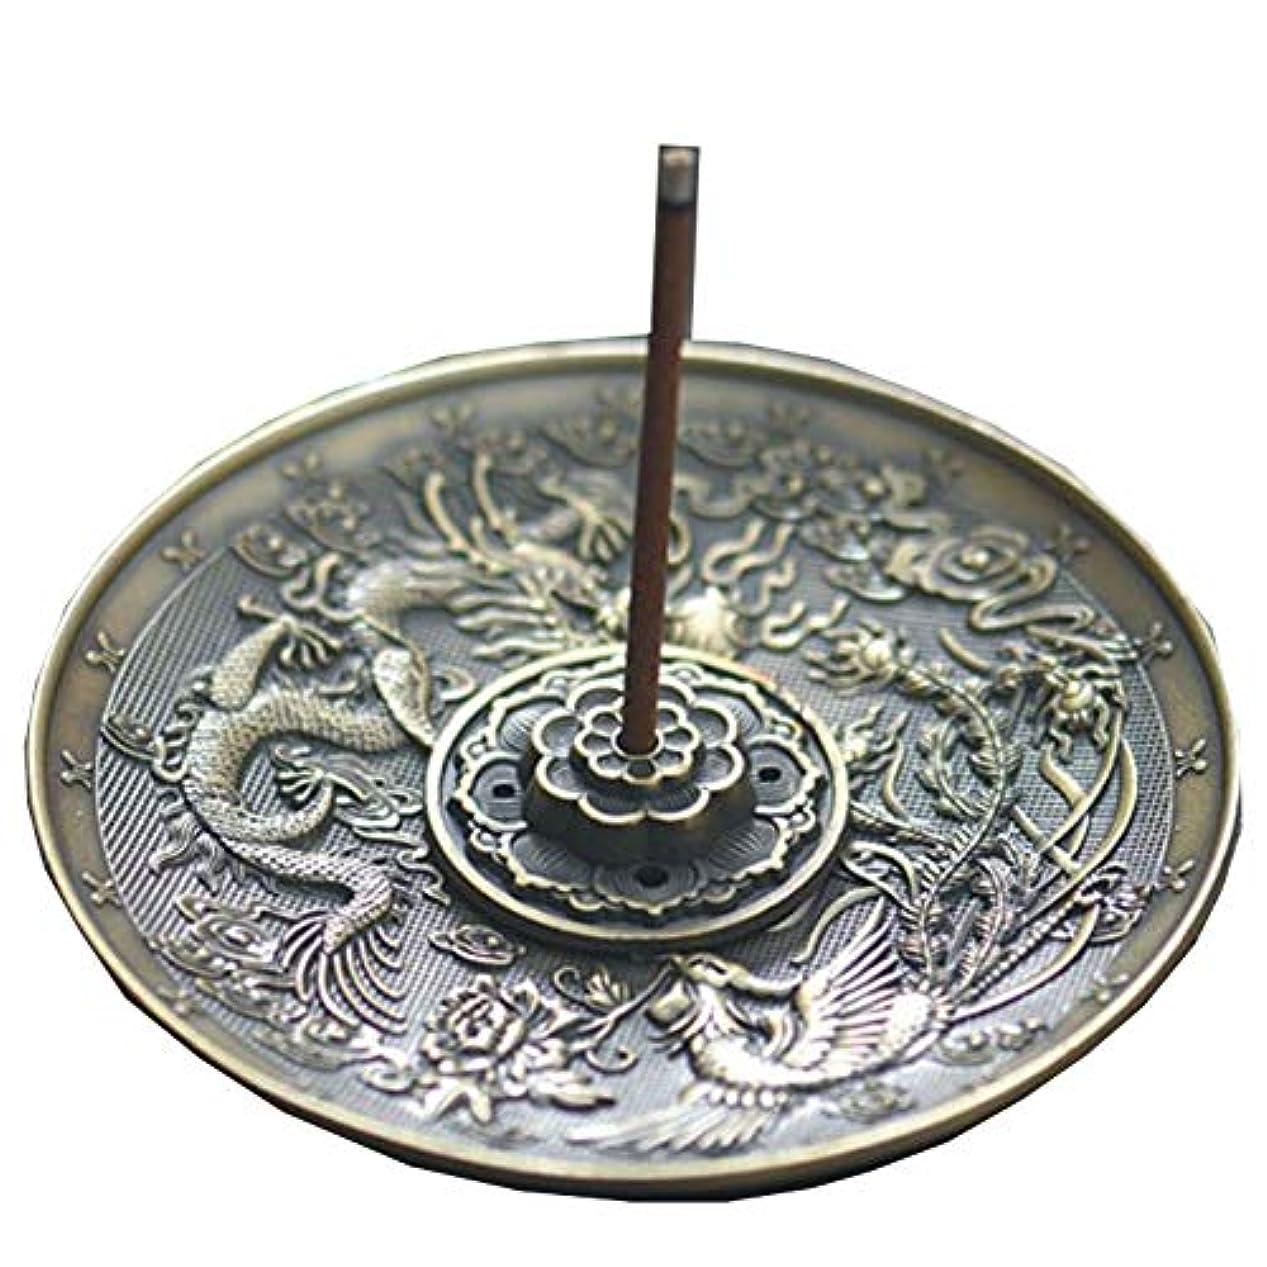 警察署命題恥ずかしさ[RADISSY] お香立て 香炉 香皿 スティック 円錐 タイプ お香 スタンド 龍のデザイン (青銅色5穴)